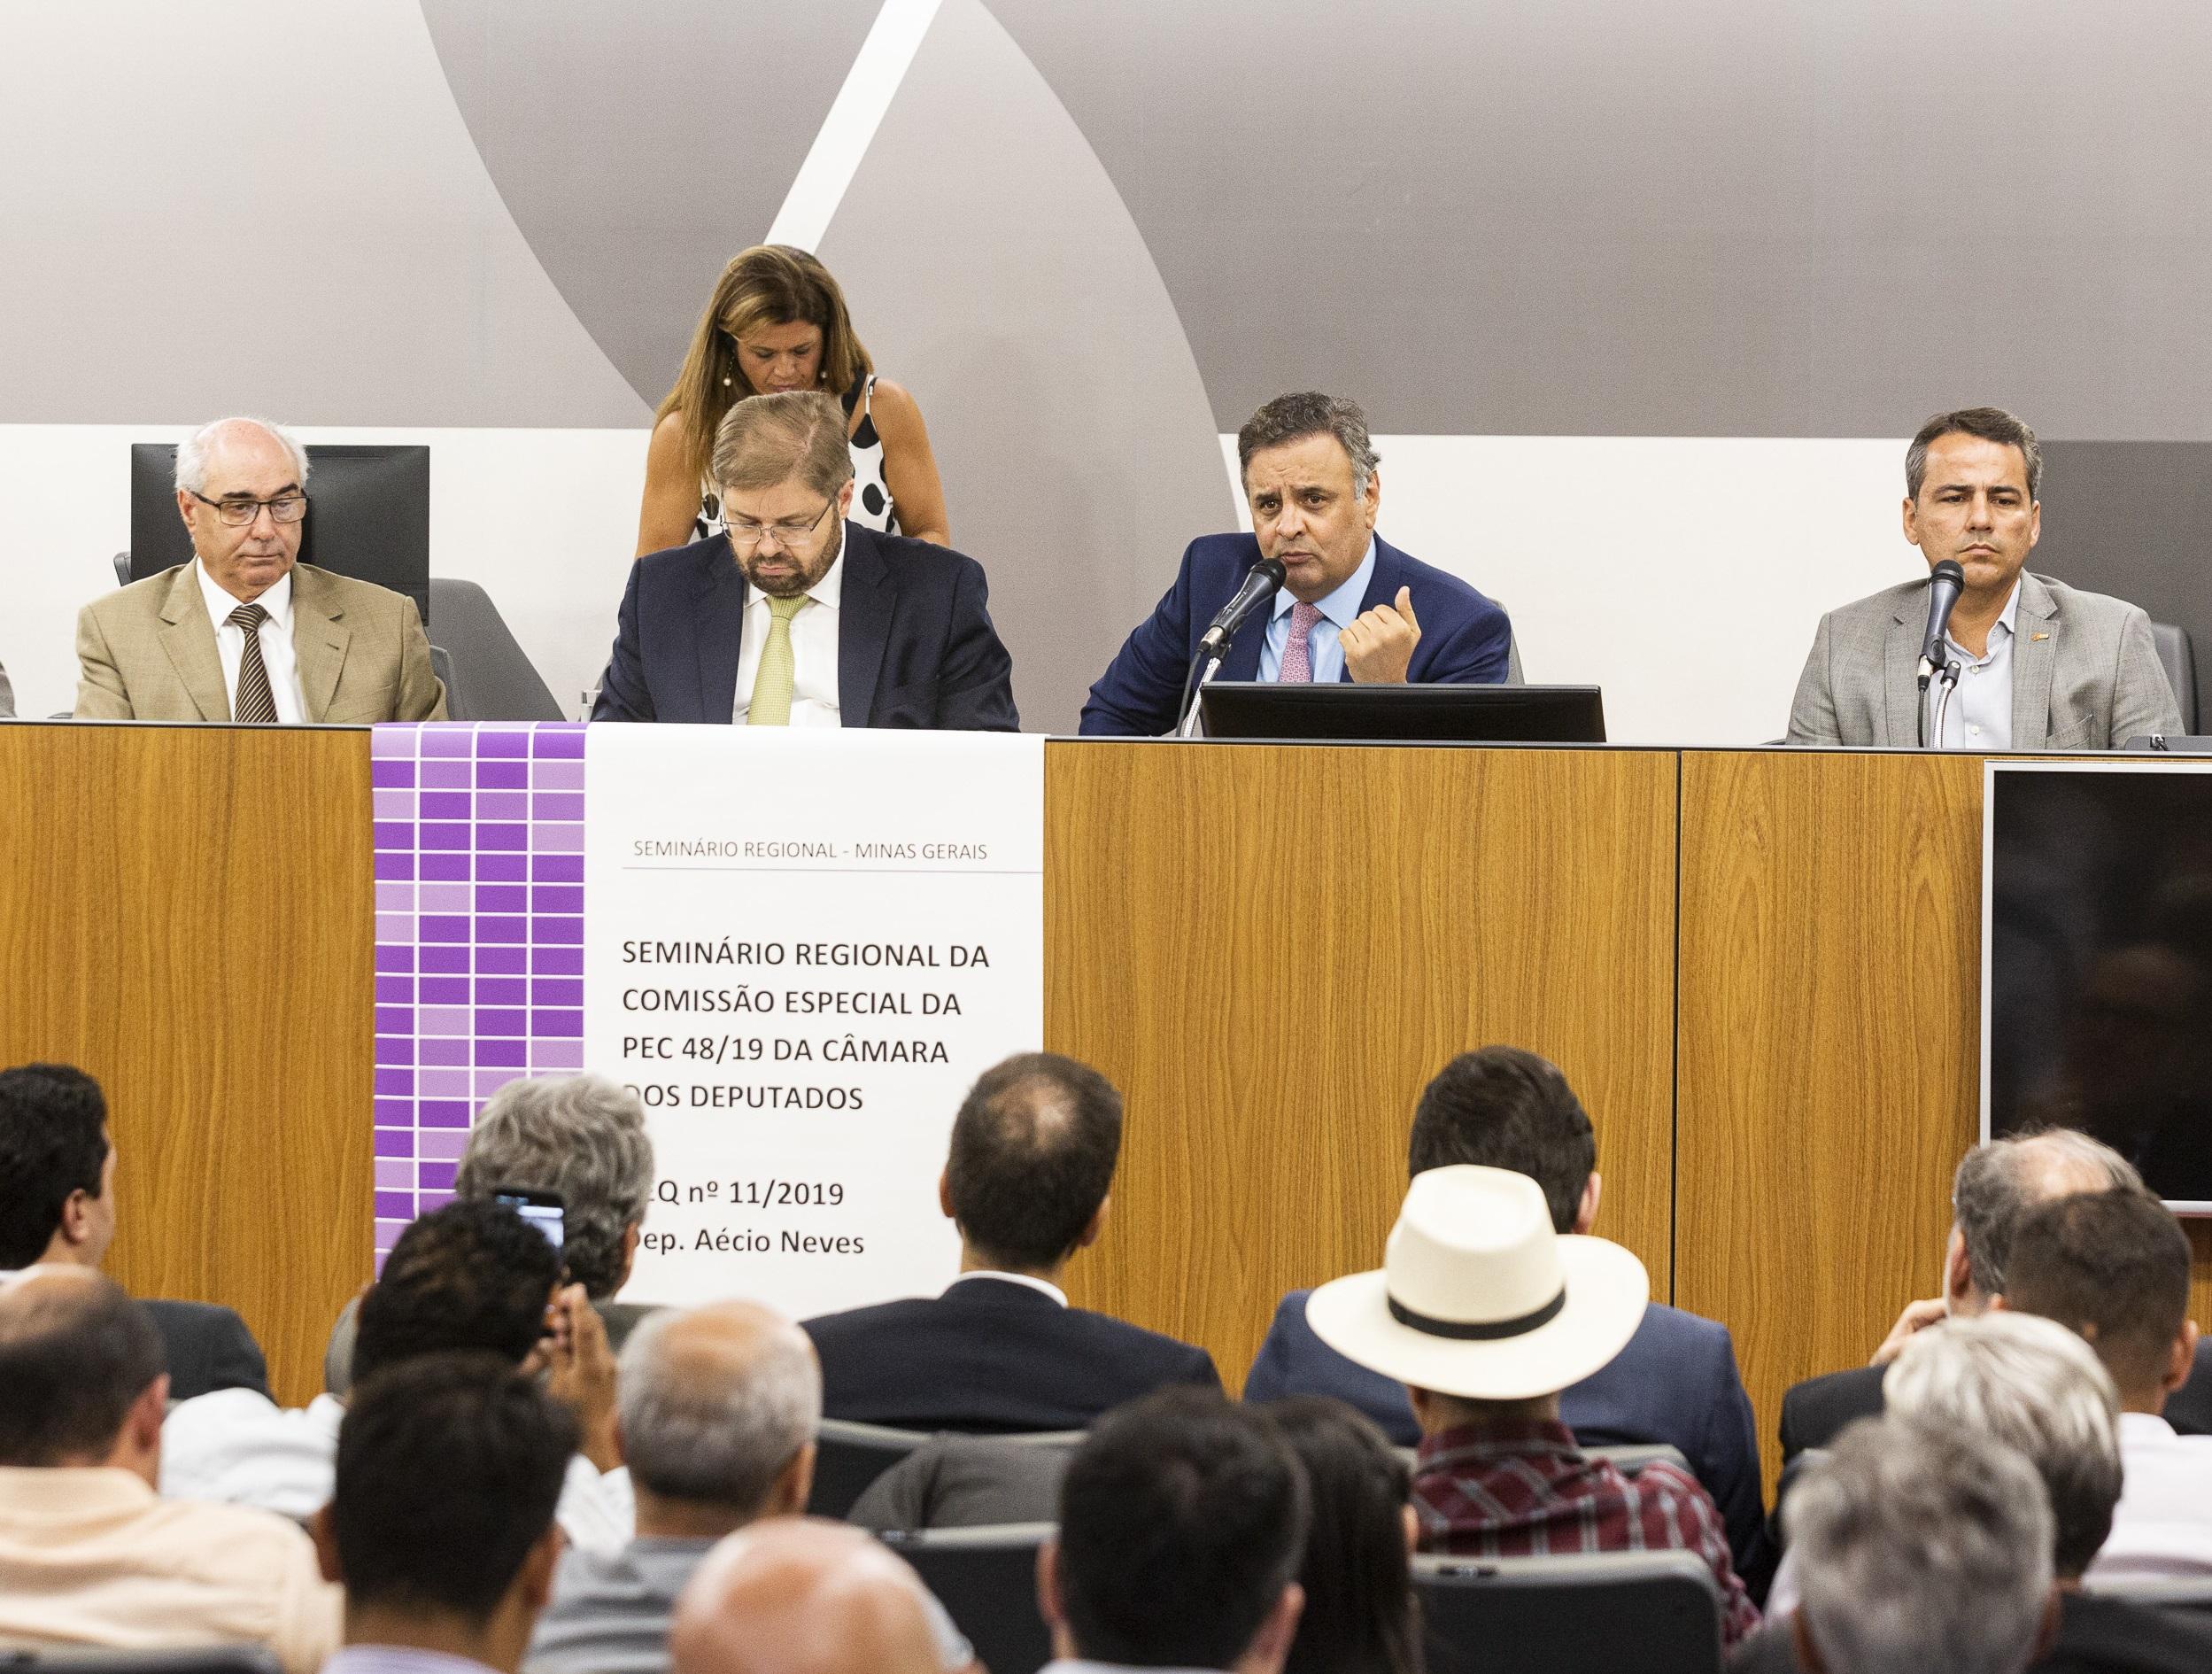 Aécio defende transferência direta de recursos de emendas entre União, estados e municípios, durante Seminário Regional da Comissão Especial da Câmara dos Deputados realizado na ALMG